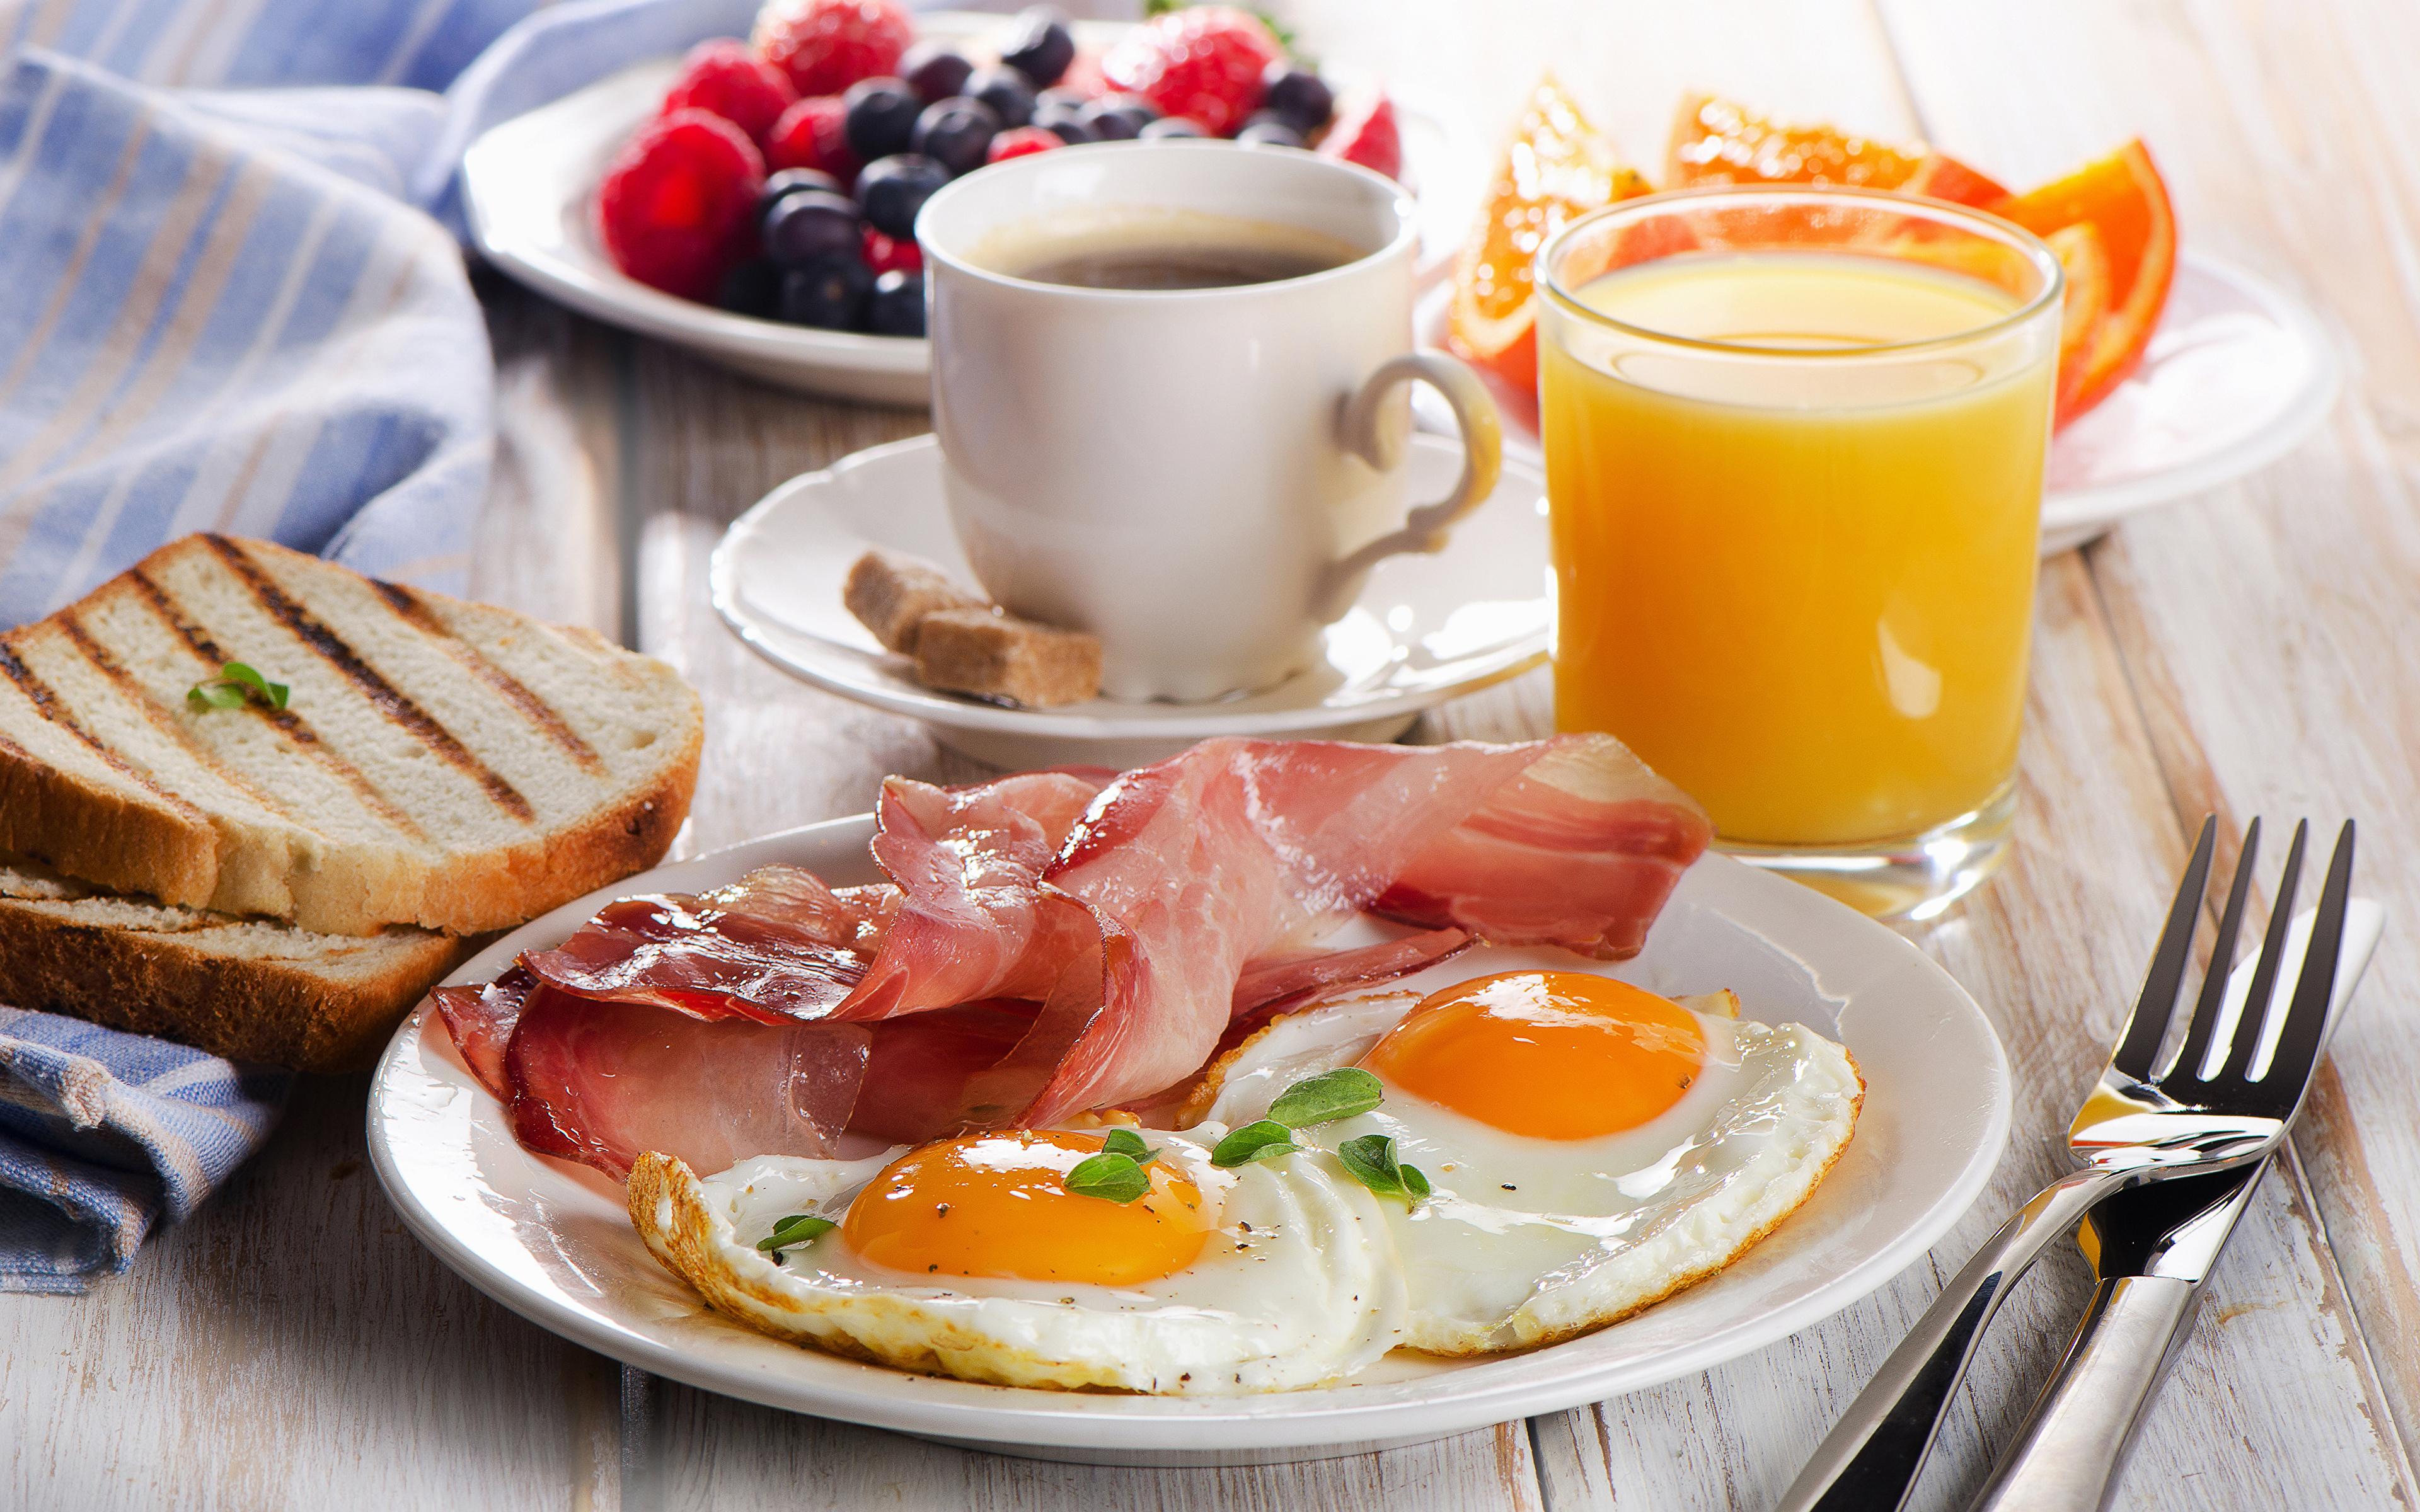 Диета Завтрак Чашка Кофе. Диета на кофе для похудения за 3, 7 и 14 дней